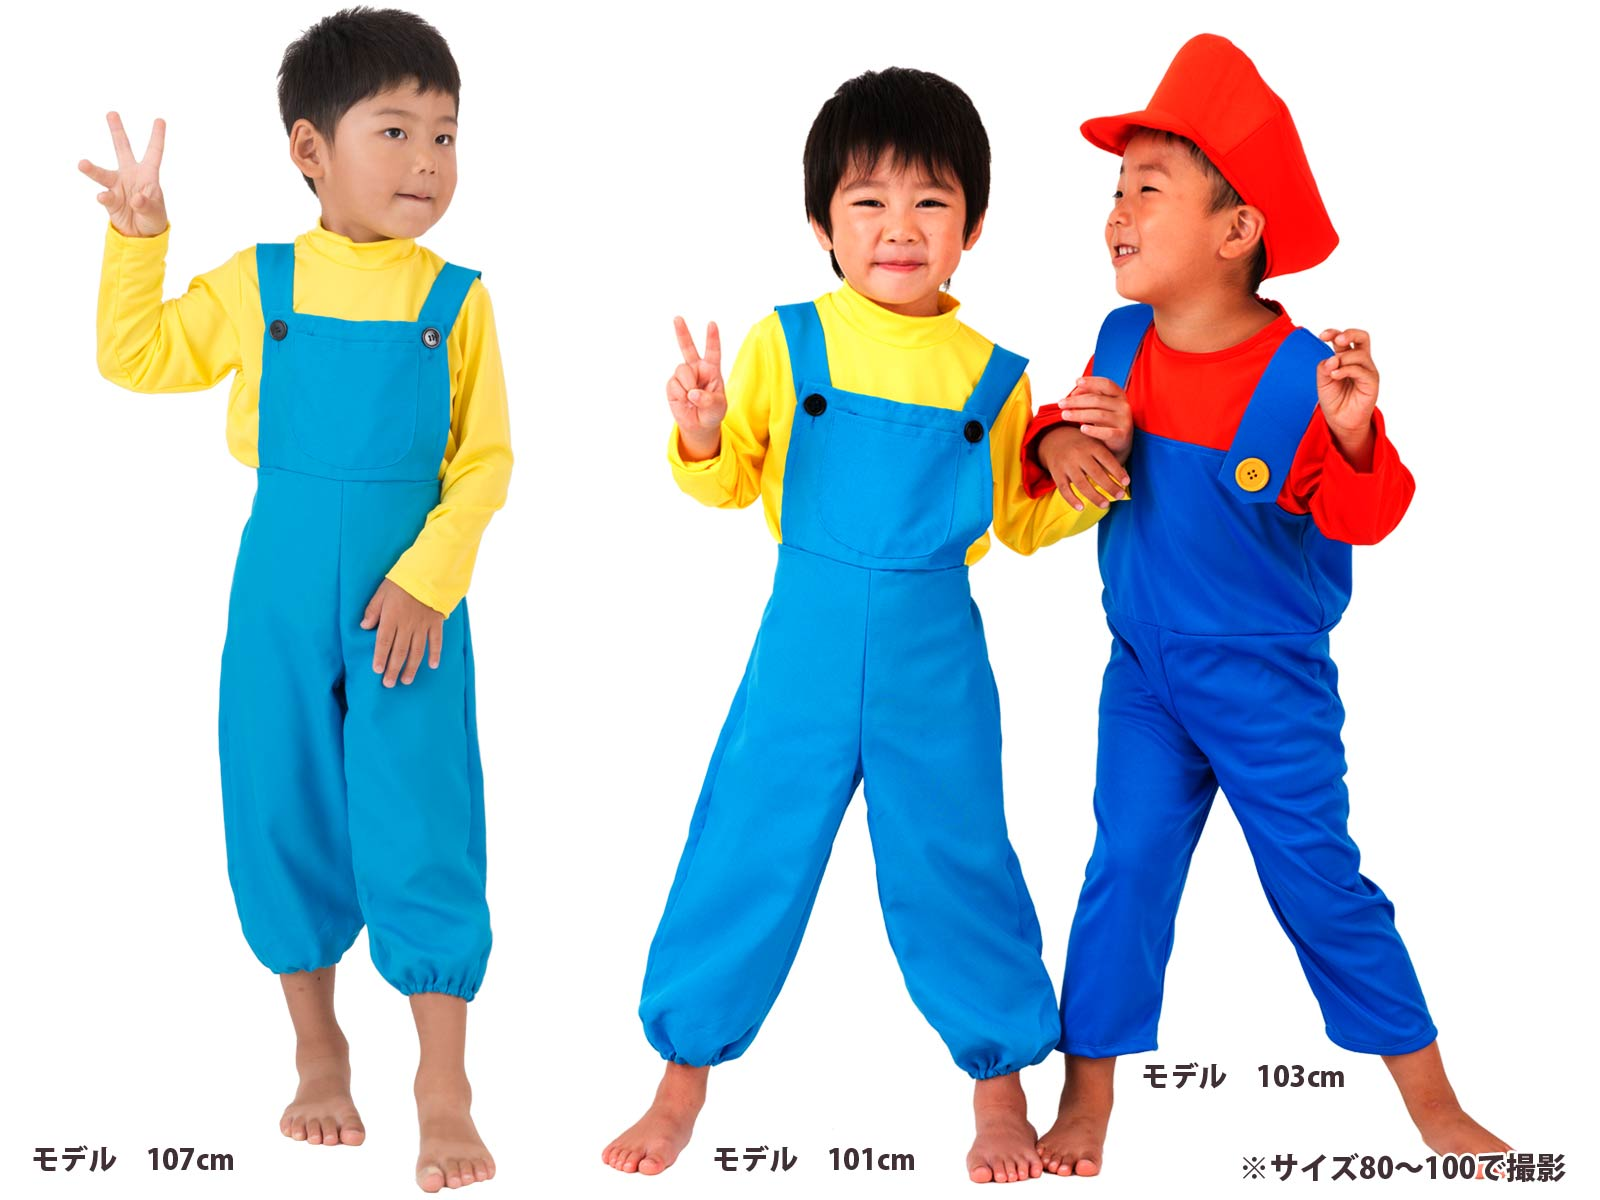 Kids fancy dress boysu0027 dress costume for Helloween look like u0027Minionsu0027 for party literary exhibitions yellow u0026 blue / Sizes 60 70 80 90 100 110 120 130cm ...  sc 1 st  Rakuten & Shussanjunbi Akachan Market | Rakuten Global Market: Kids fancy ...